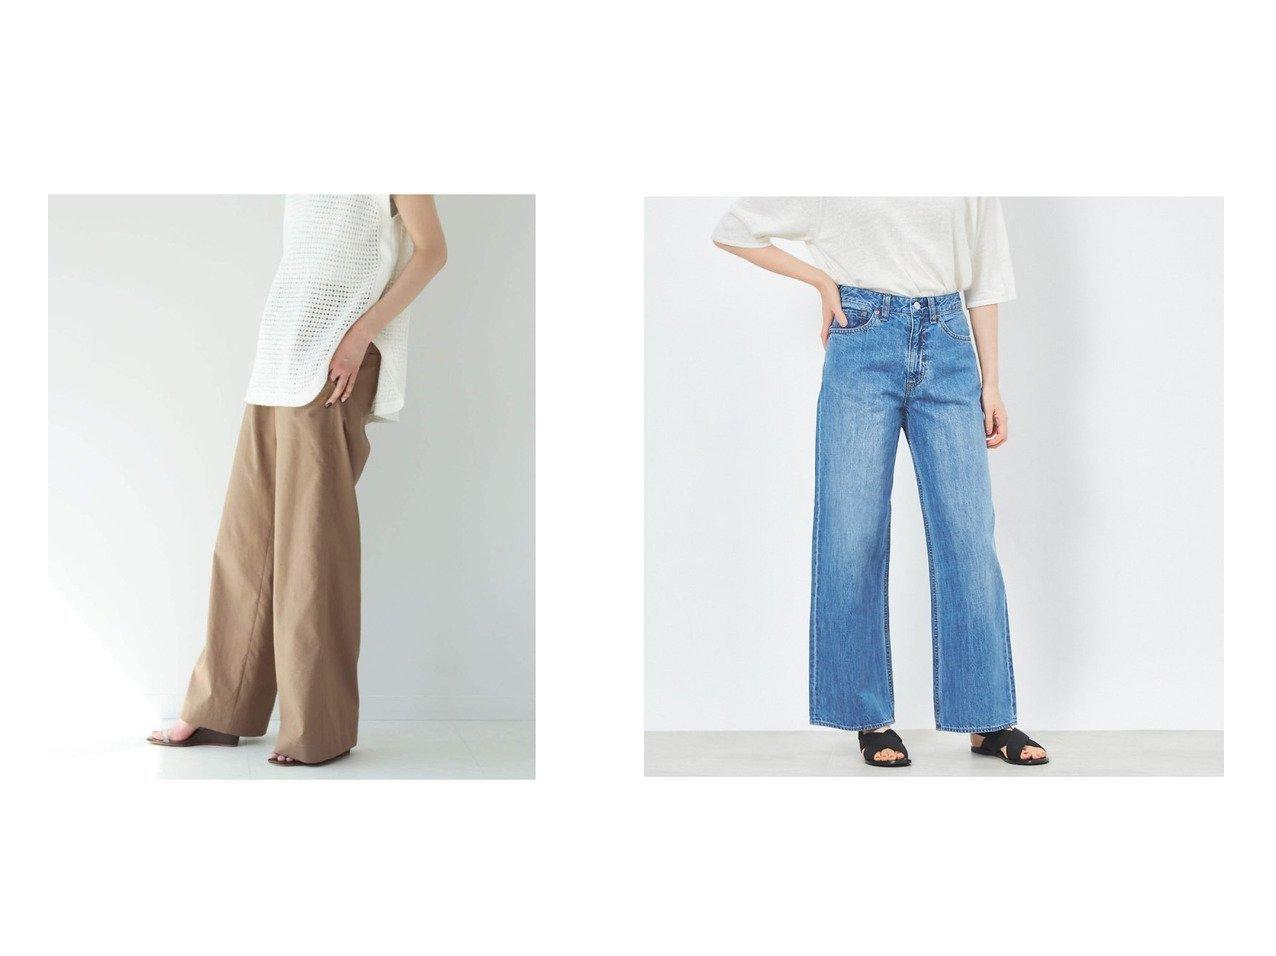 【collex/コレックス】のセミワイドデニムパンツ&【Plage/プラージュ】のタイプライターイージーパンツ 【パンツ】おすすめ!人気、トレンド・レディースファッションの通販 おすすめで人気の流行・トレンド、ファッションの通販商品 インテリア・家具・メンズファッション・キッズファッション・レディースファッション・服の通販 founy(ファニー) https://founy.com/ ファッション Fashion レディースファッション WOMEN パンツ Pants デニムパンツ Denim Pants NEW・新作・新着・新入荷 New Arrivals ジーンズ ストレート デニム バランス ユーズド ワイド 今季 夏 Summer 定番 Standard コンパクト スポーティ 2021年 2021 S/S・春夏 SS・Spring/Summer 2021春夏・S/S SS/Spring/Summer/2021 |ID:crp329100000049387